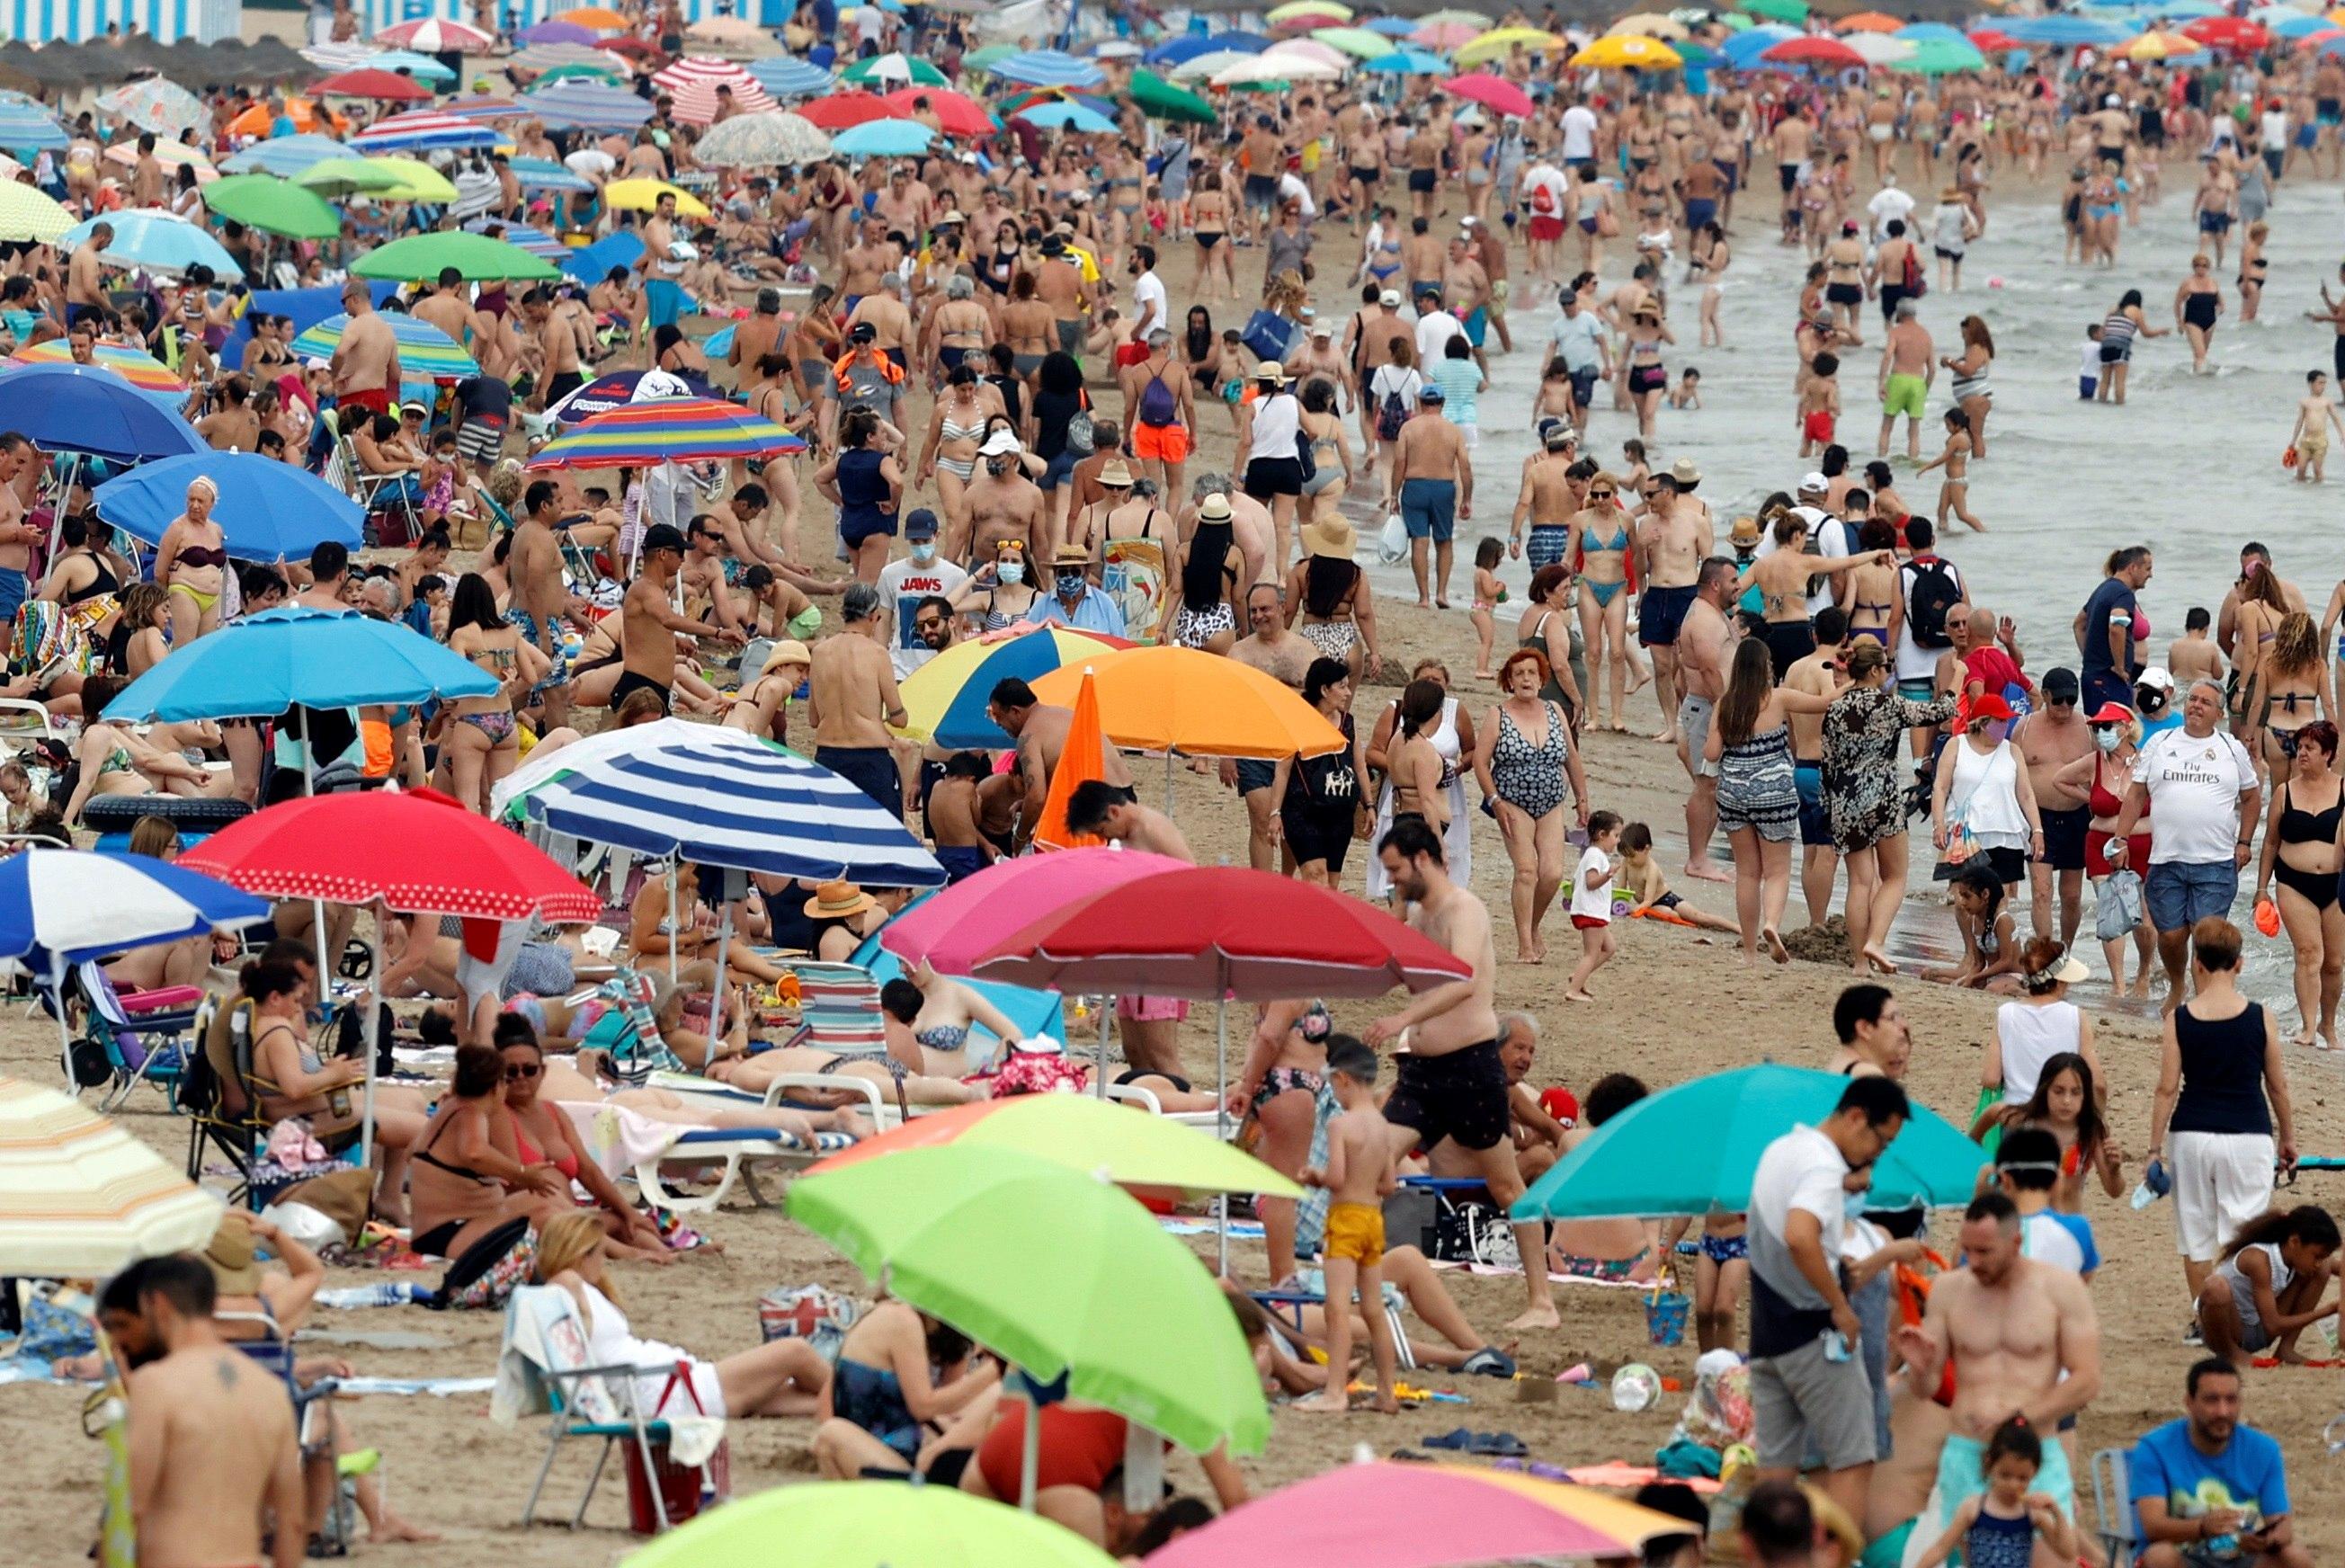 La Comunitat Valenciana registra un domingo veraniego 35 grados y noches tropicales